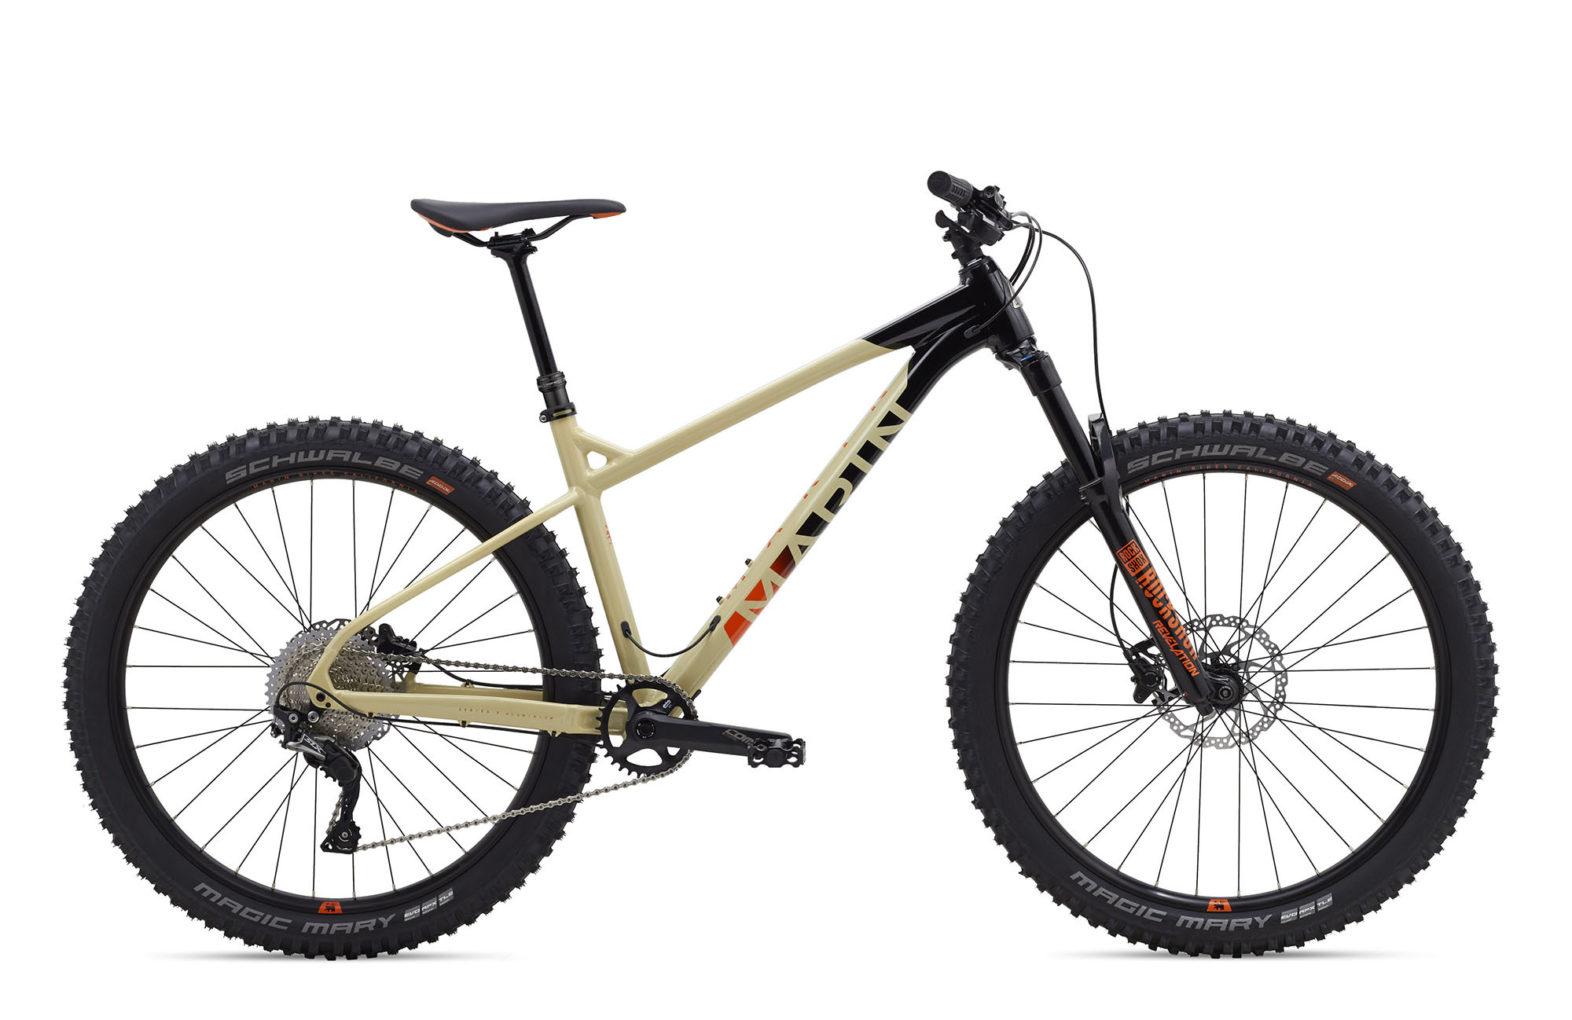 marin-sanquentin-hardtail-mountain-bike